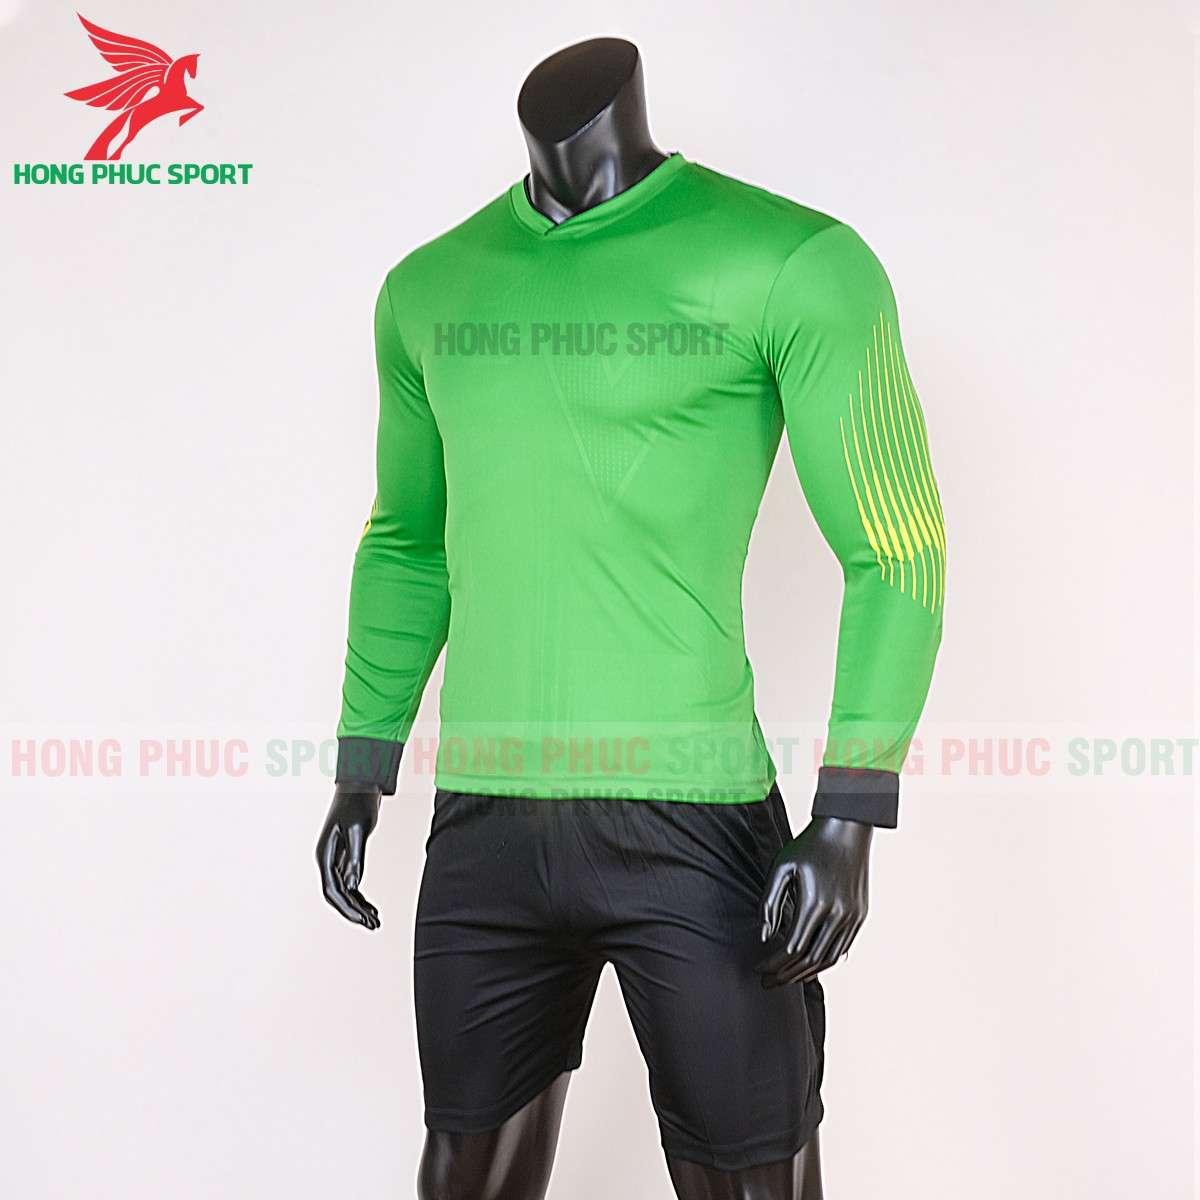 Đồ đá bóng thủ môn tay dài 2020 màu xanh lá cây